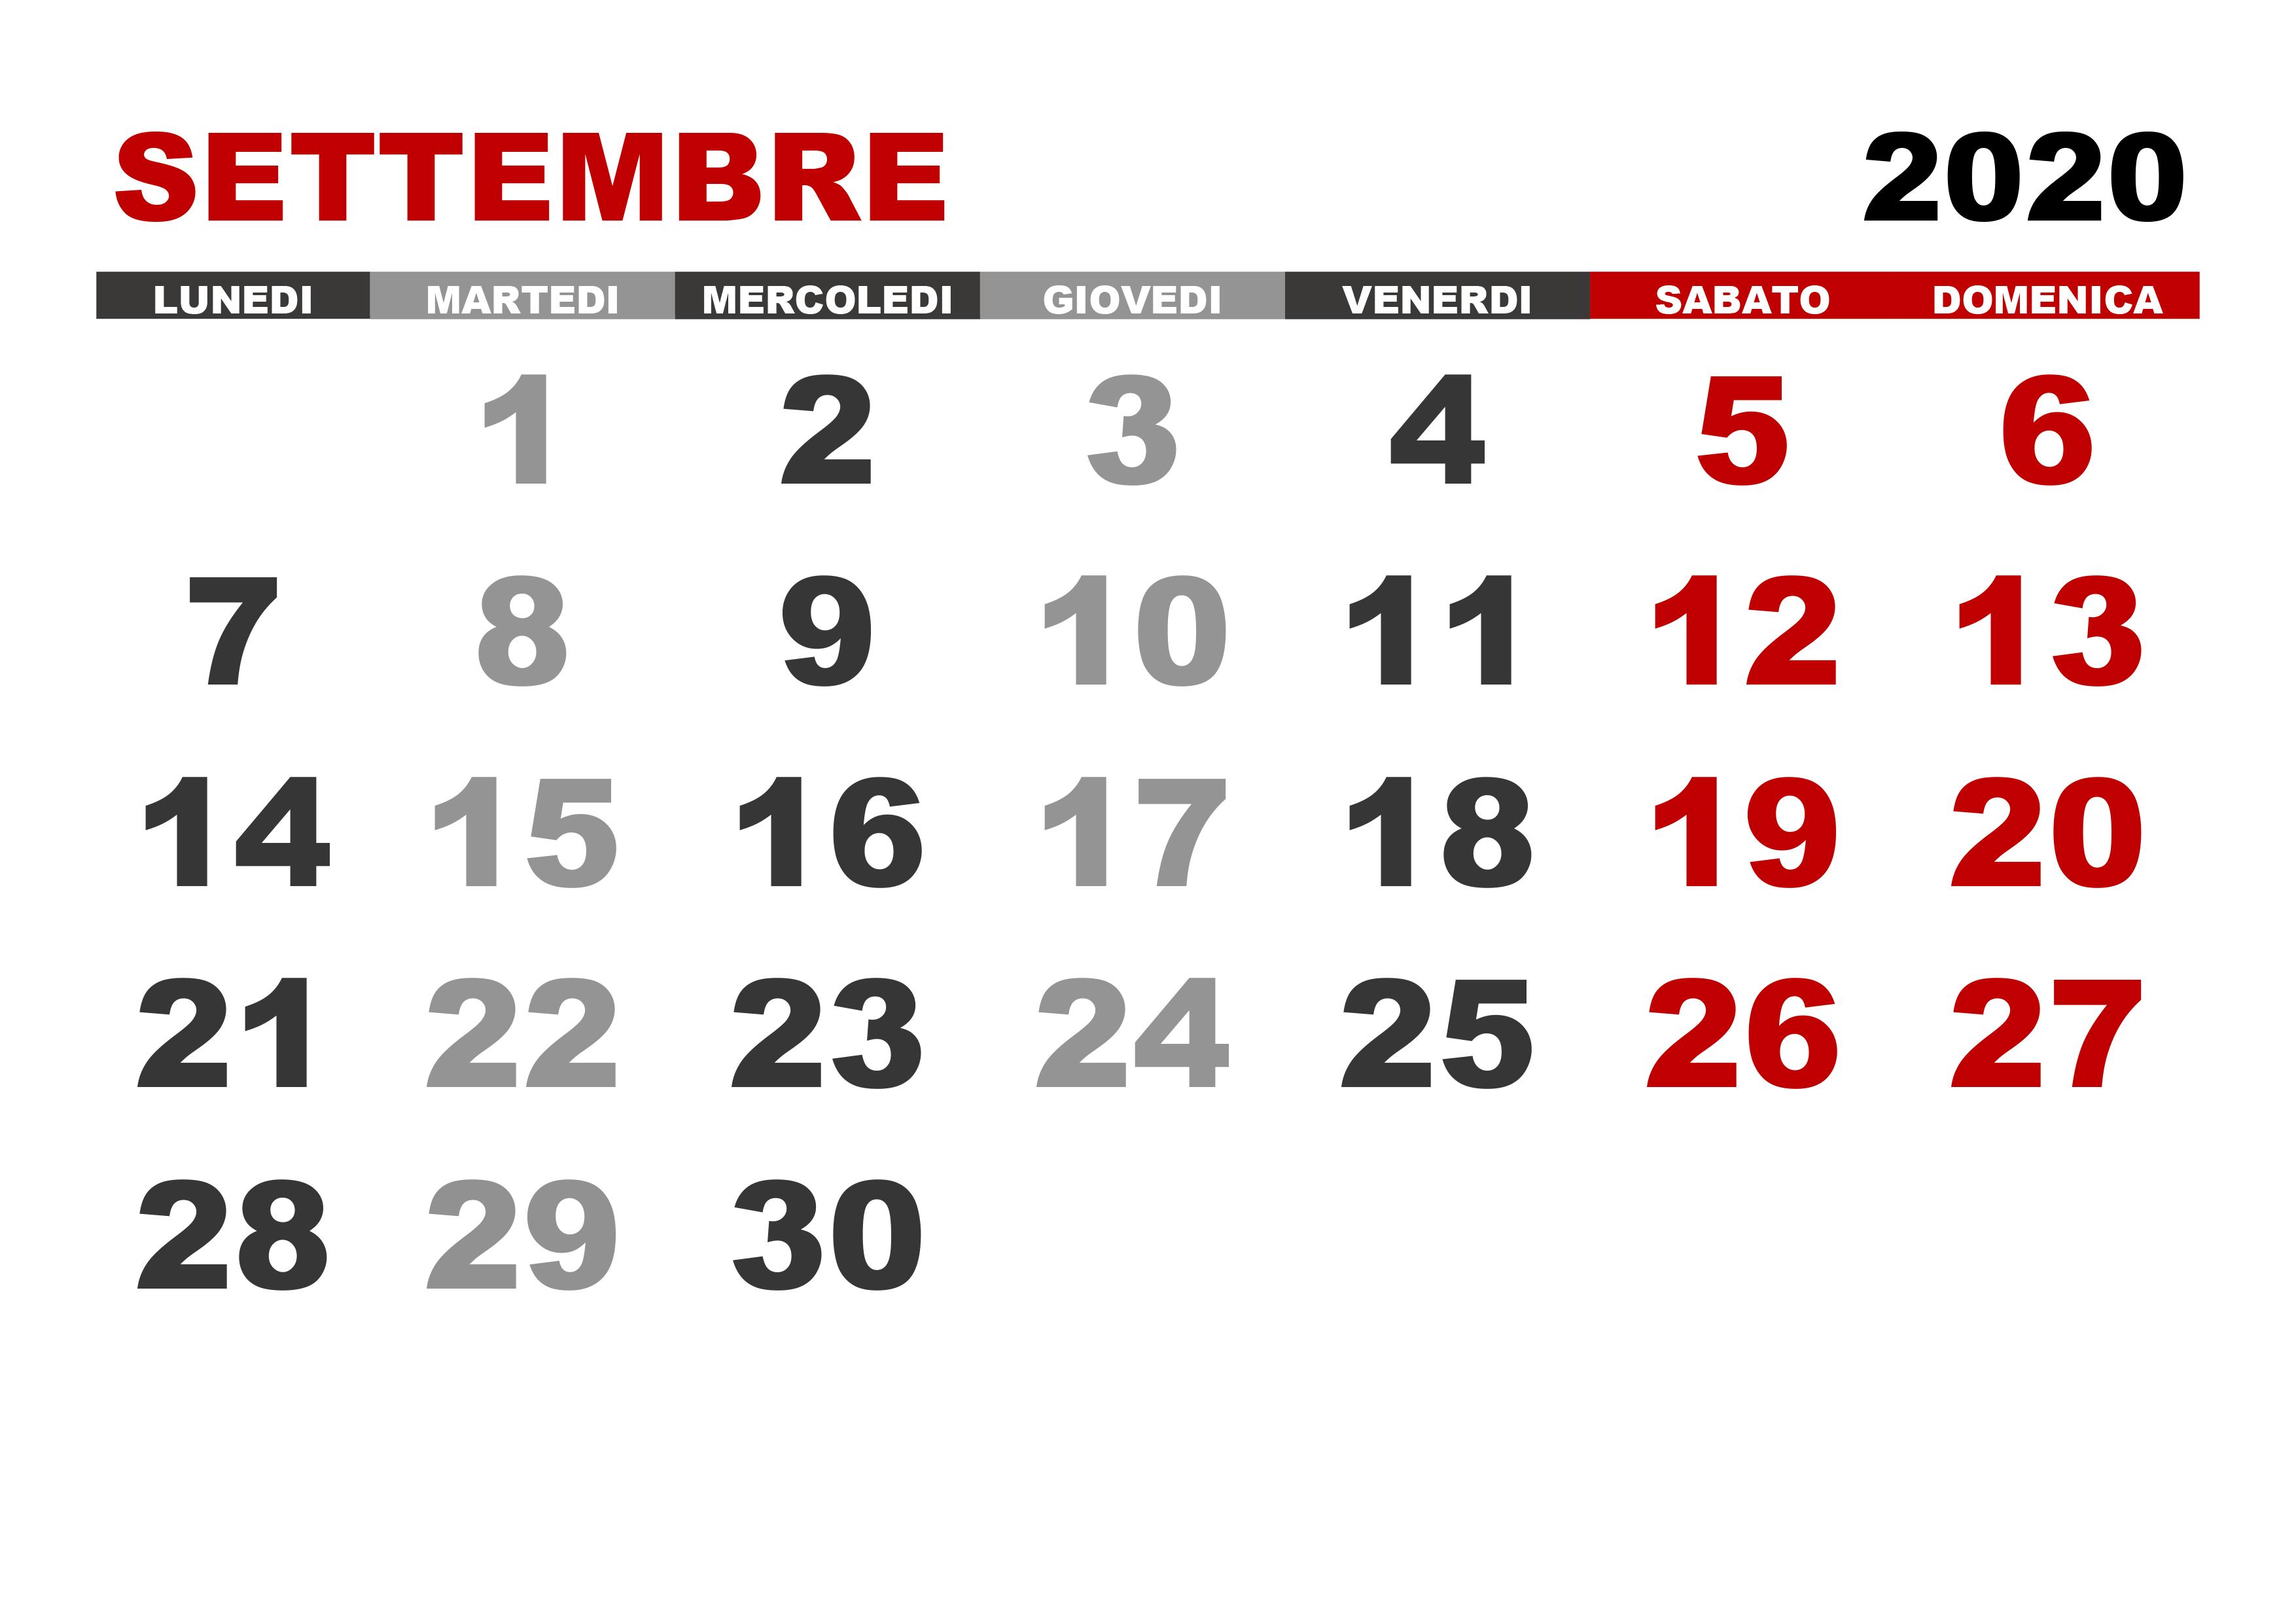 Calendario Mese Settembre 2020.Calendario Settembre 2020 Calendario Su